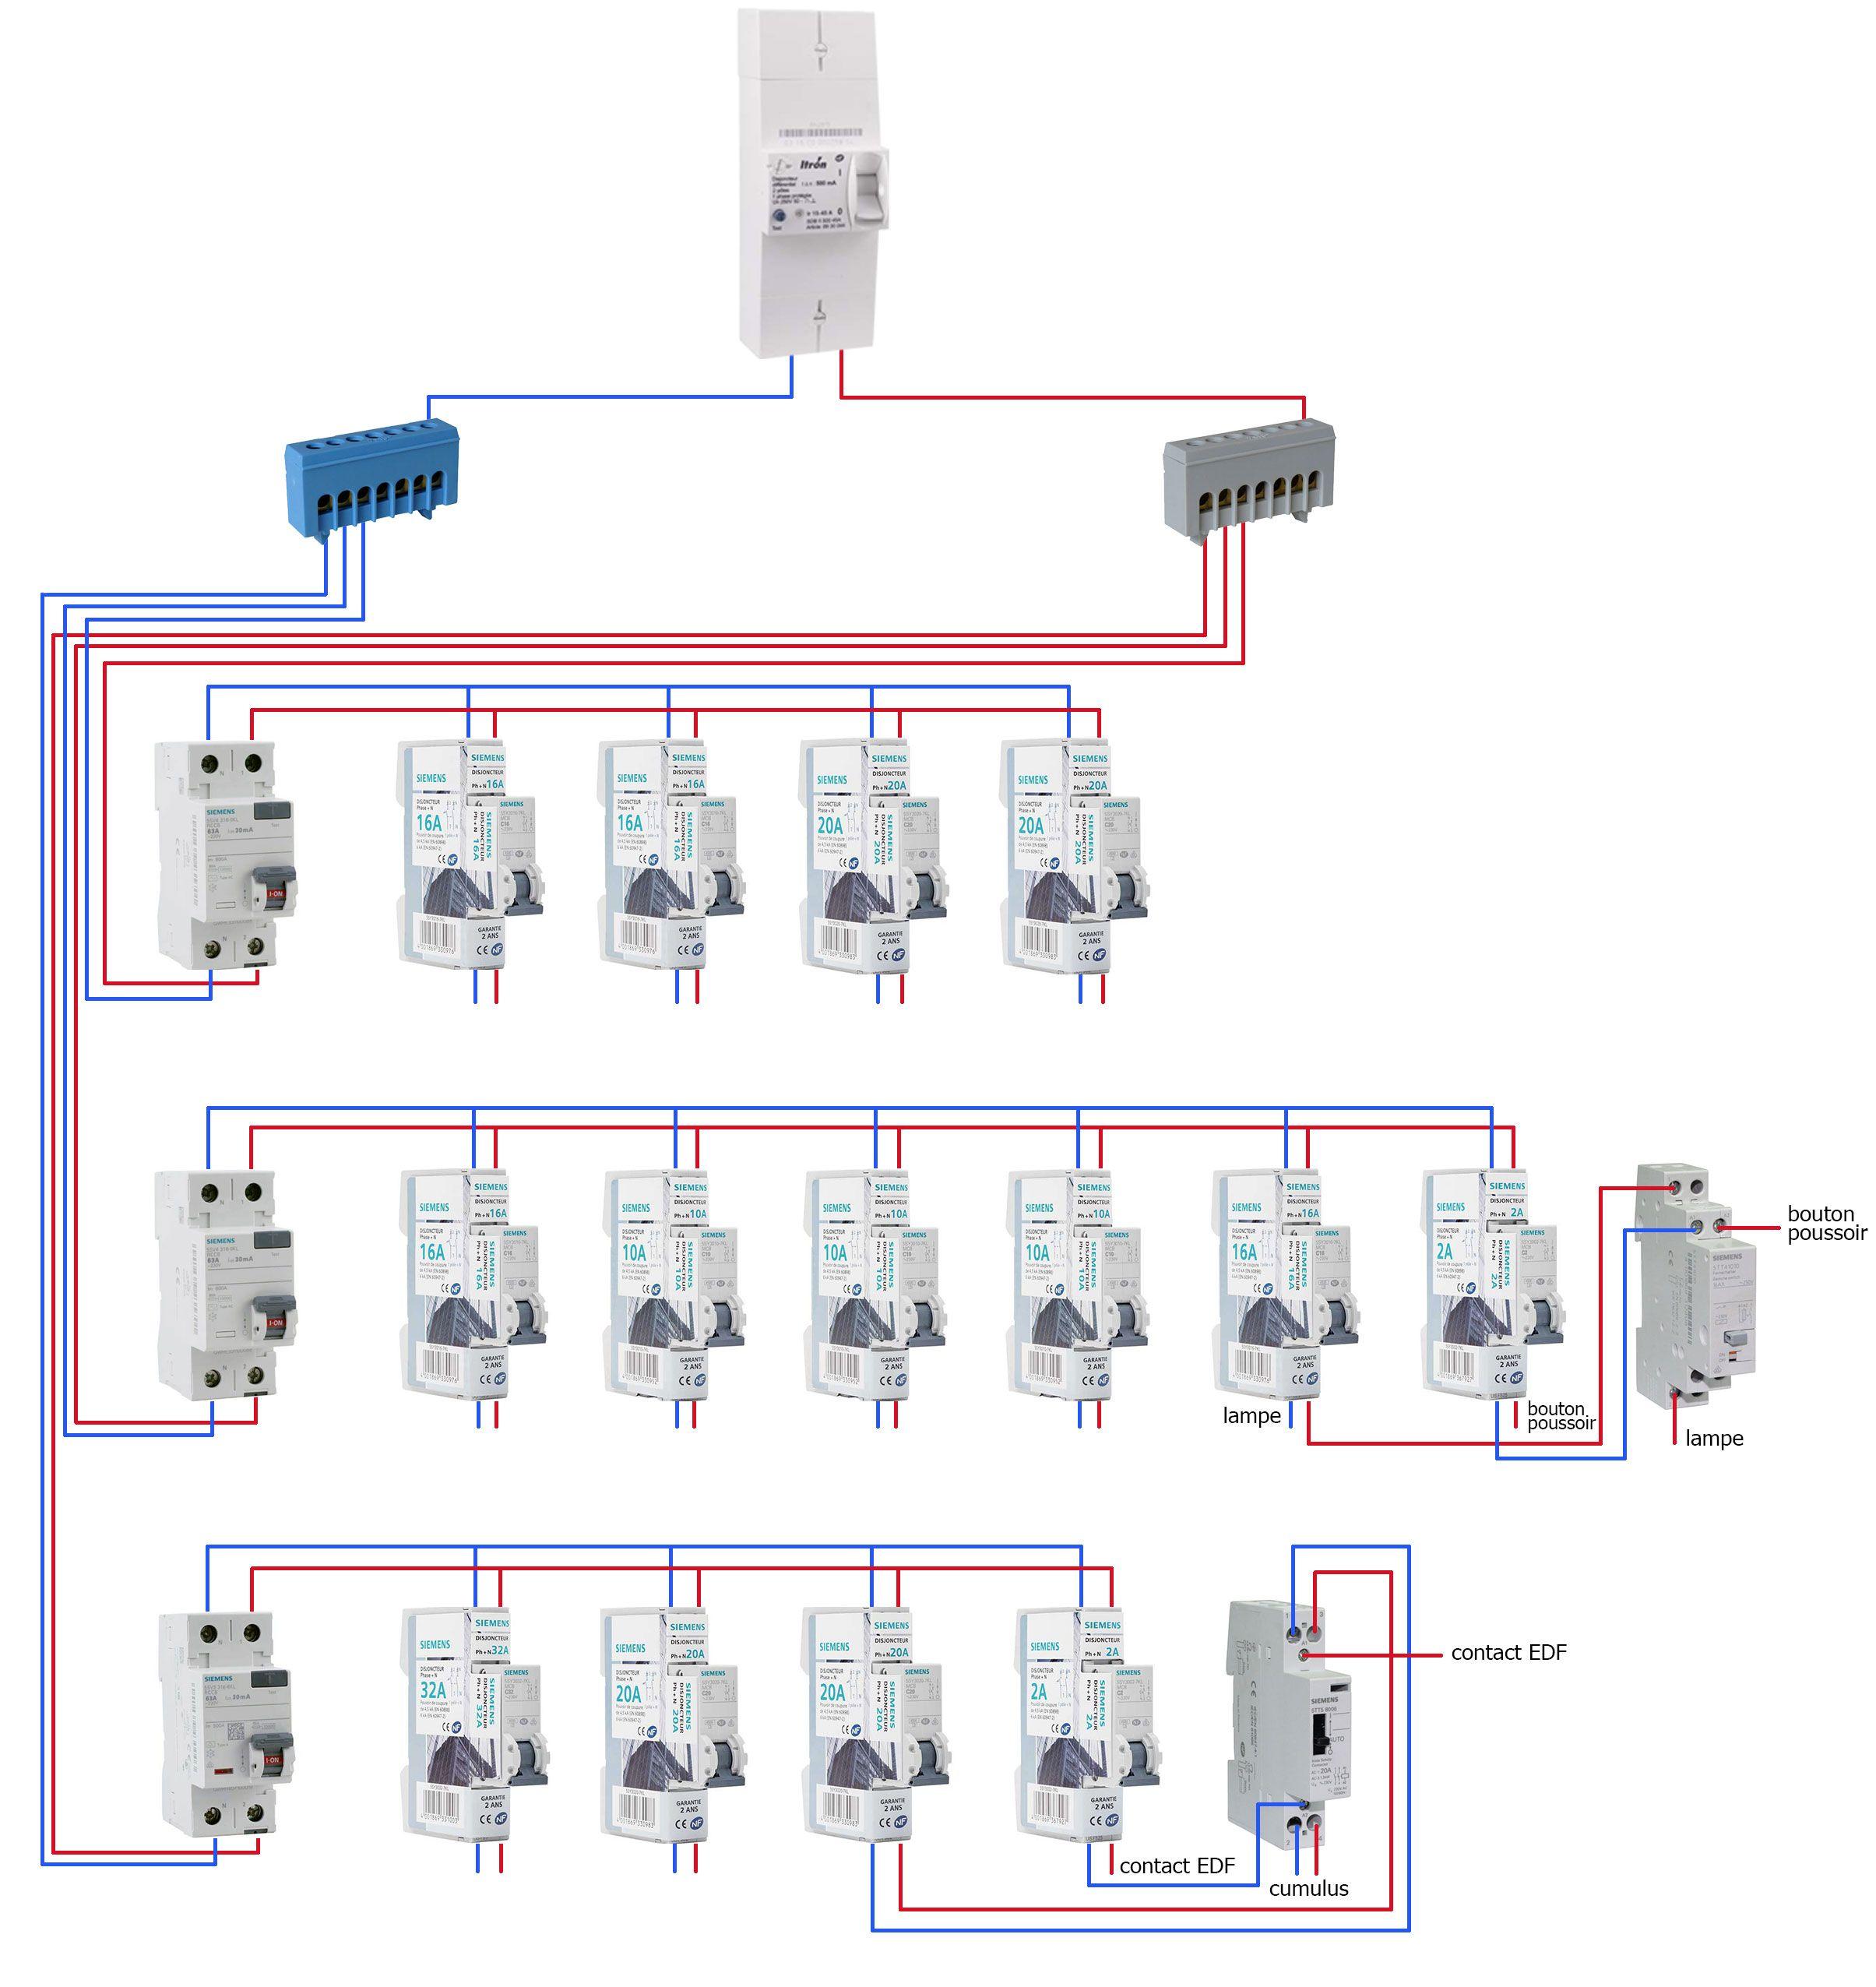 Exemple d'un schéma de câblage d'un tableau électrique #schemaelectrique #schemacablage # ...